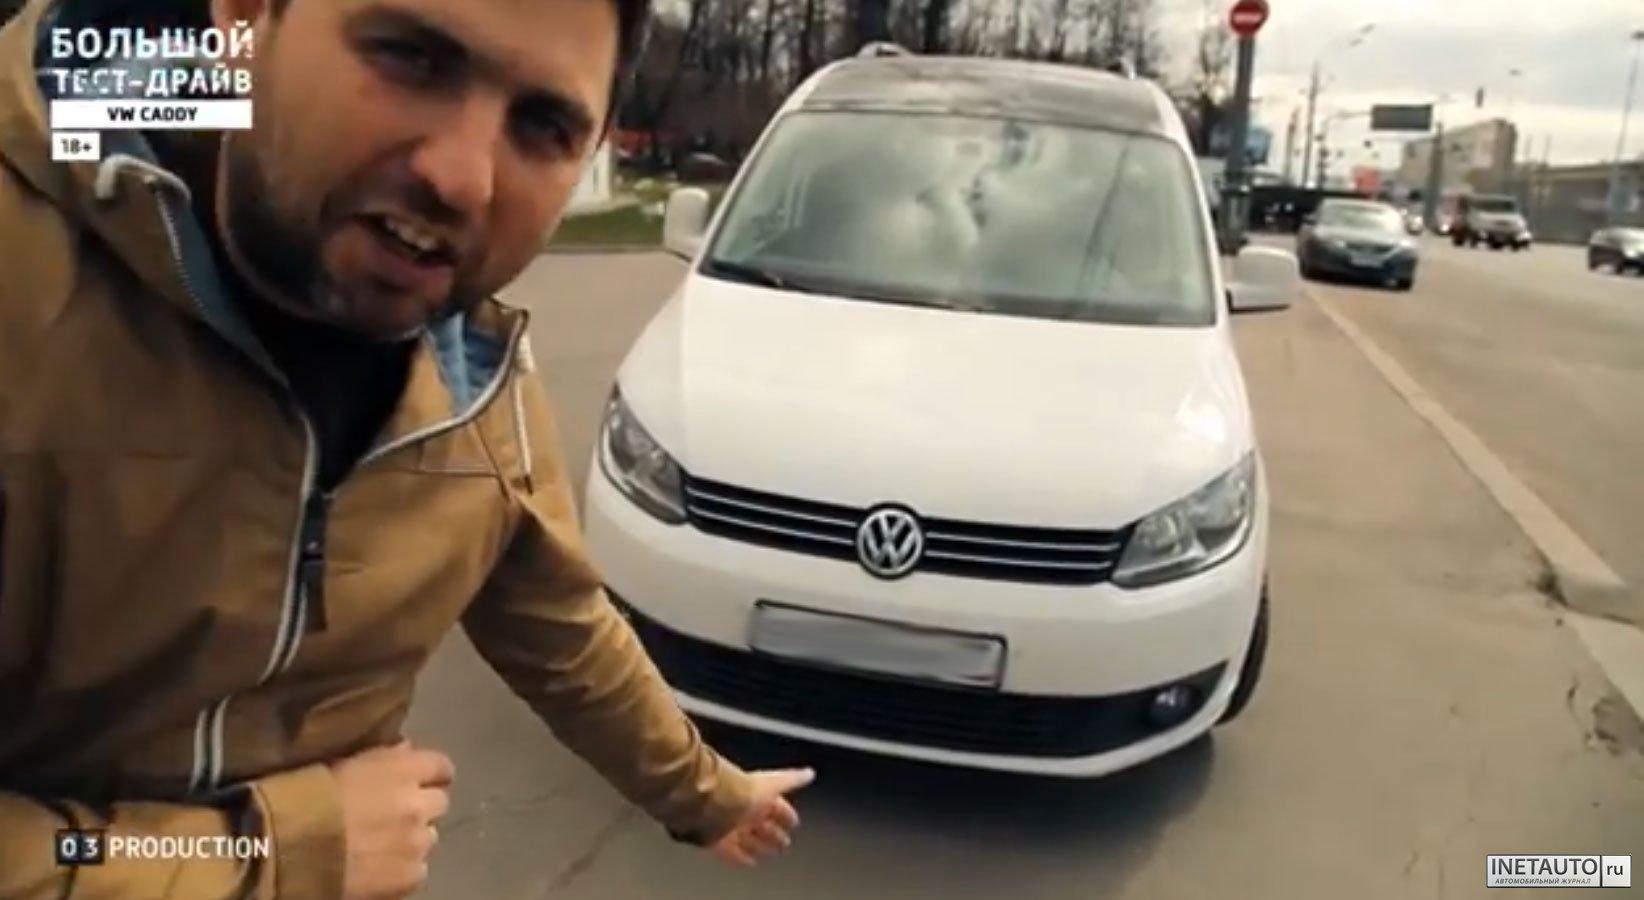 Большой тест-драйв: VW Caddy